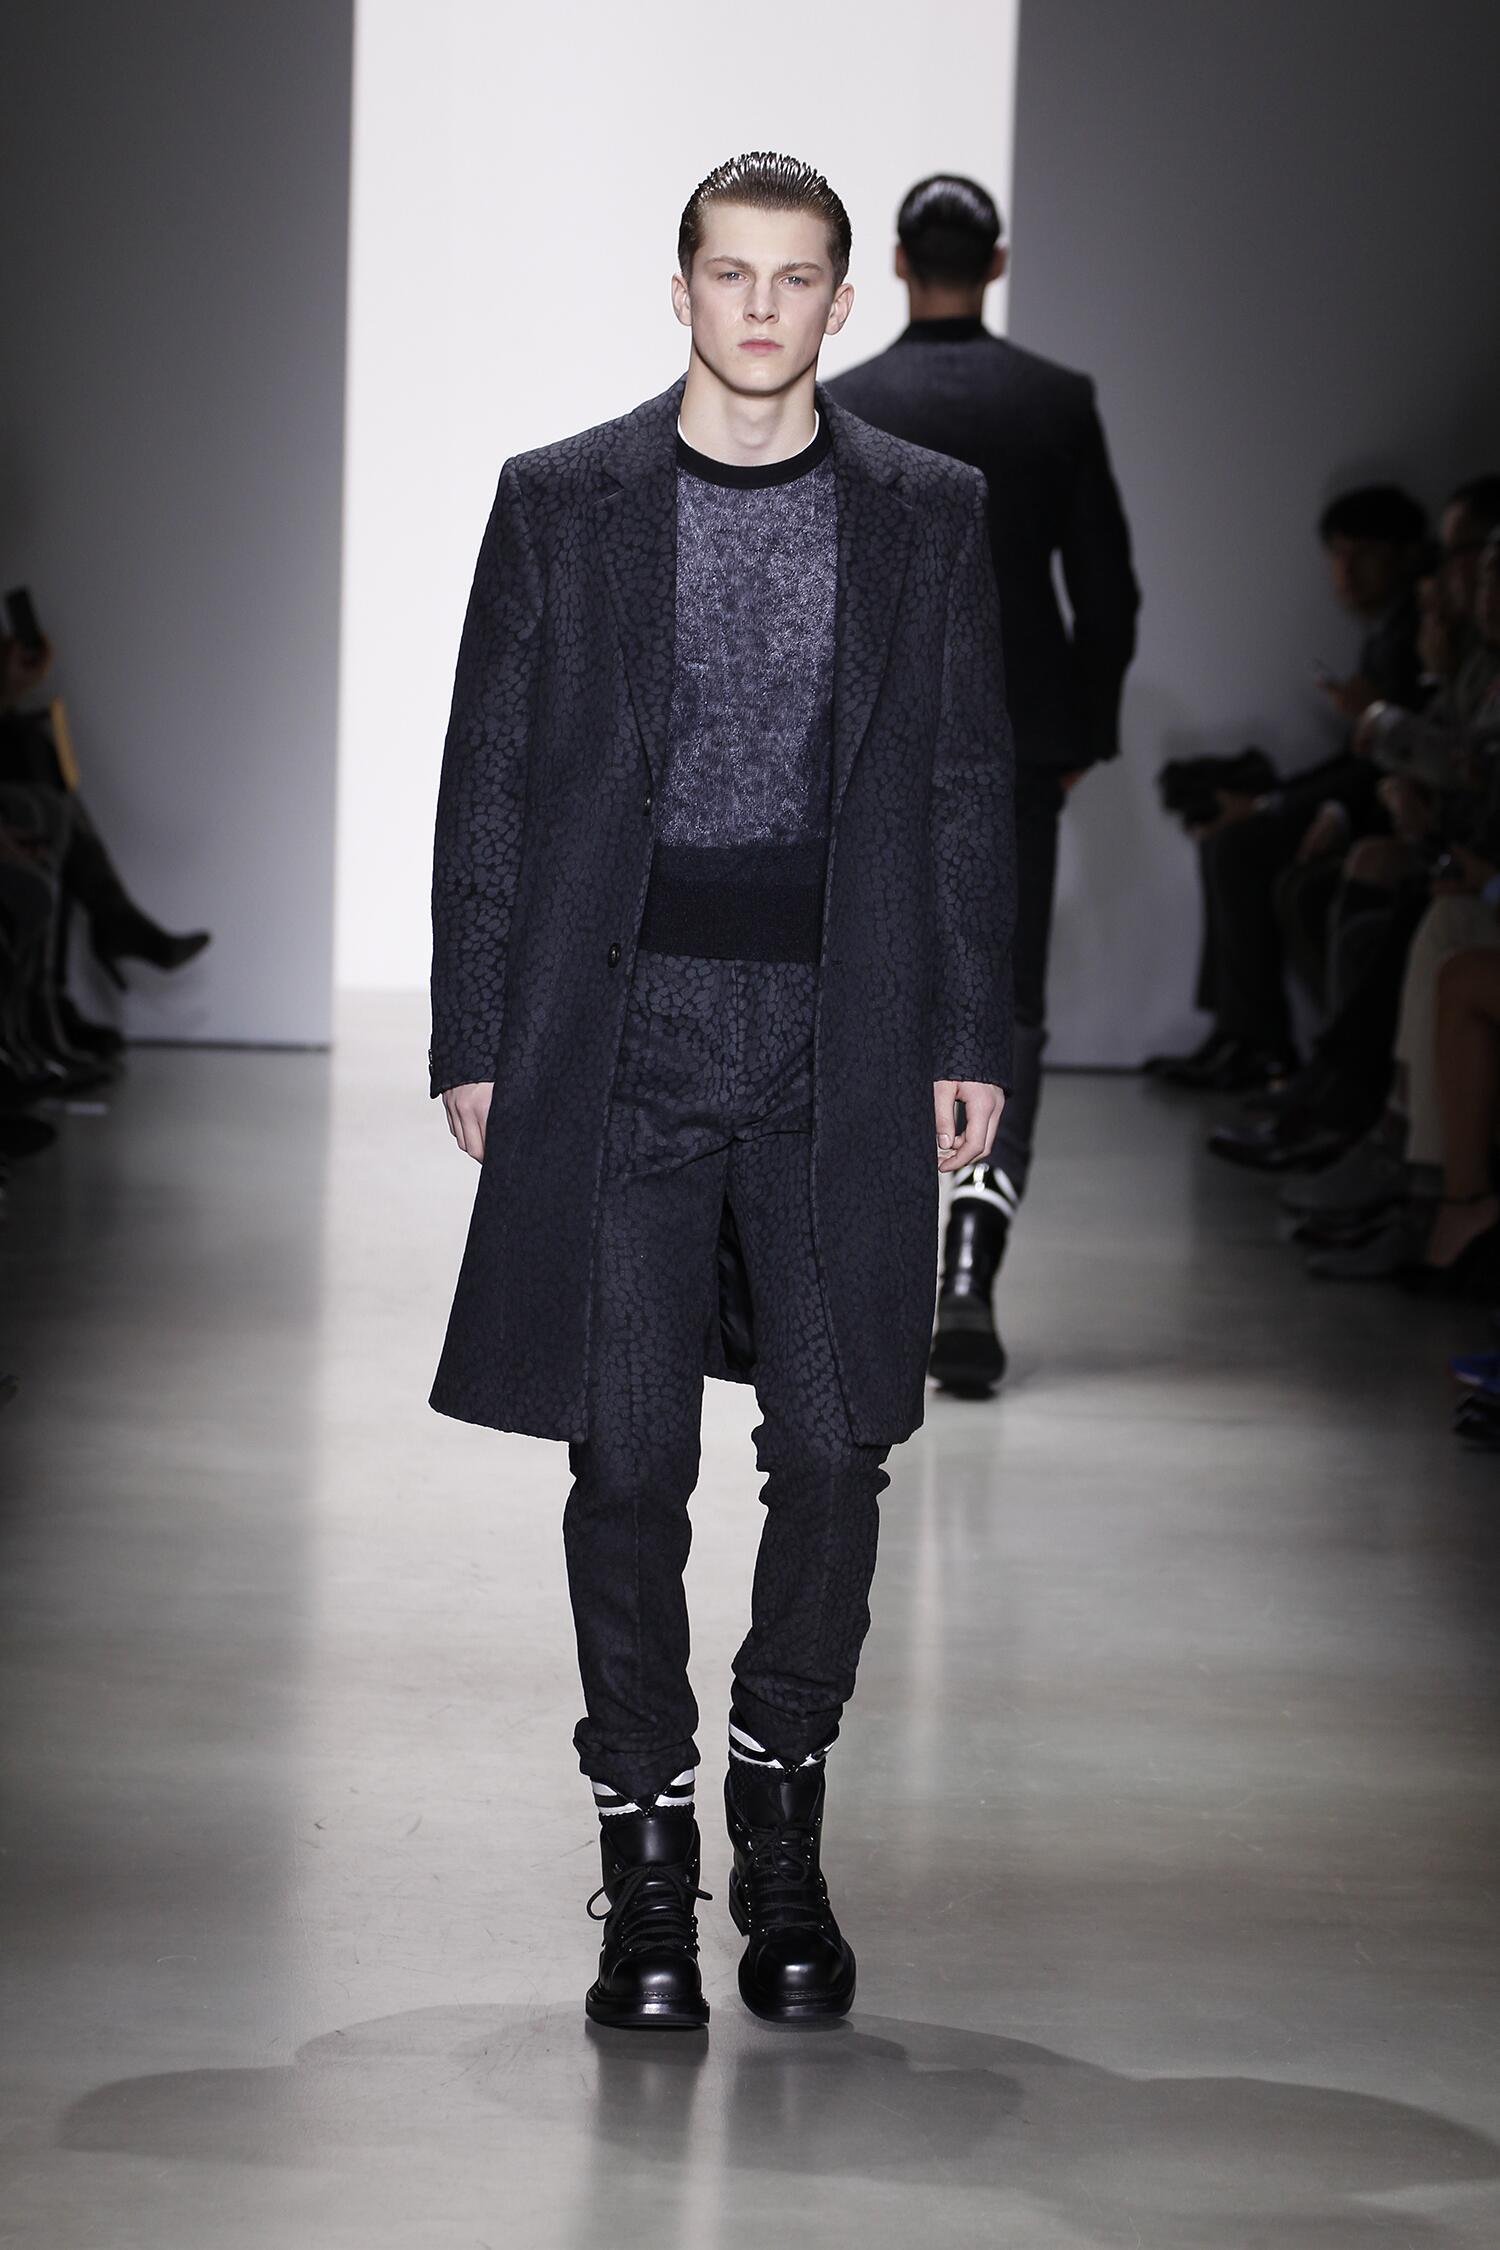 Winter 2015 Fashion Show Calvin Klein Collection